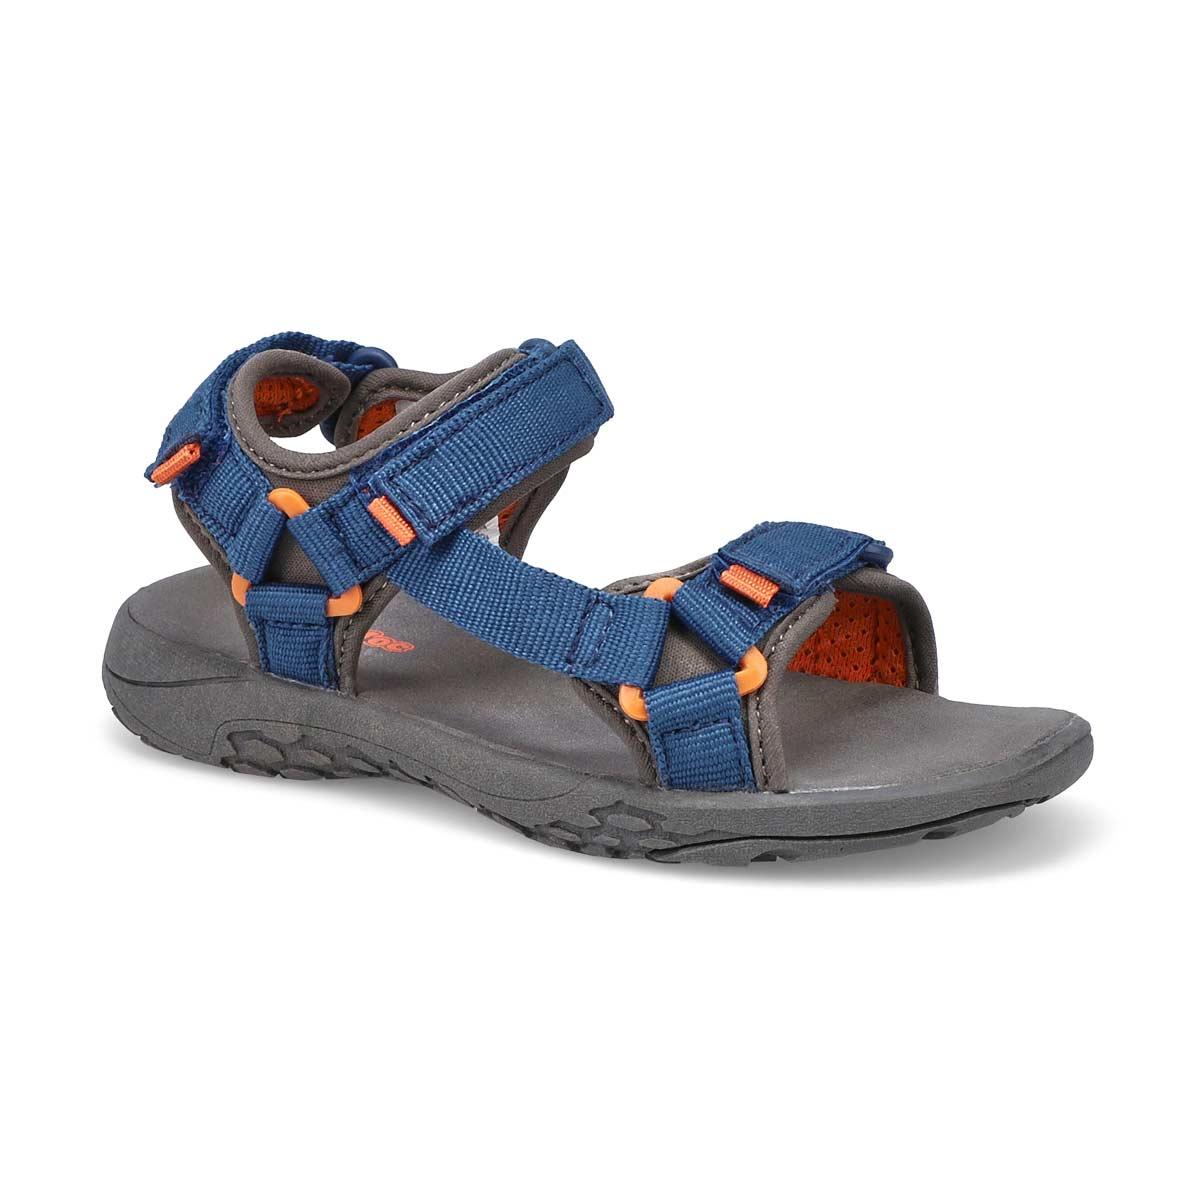 Boys' Benny Sport Sandal - Navy/Orange